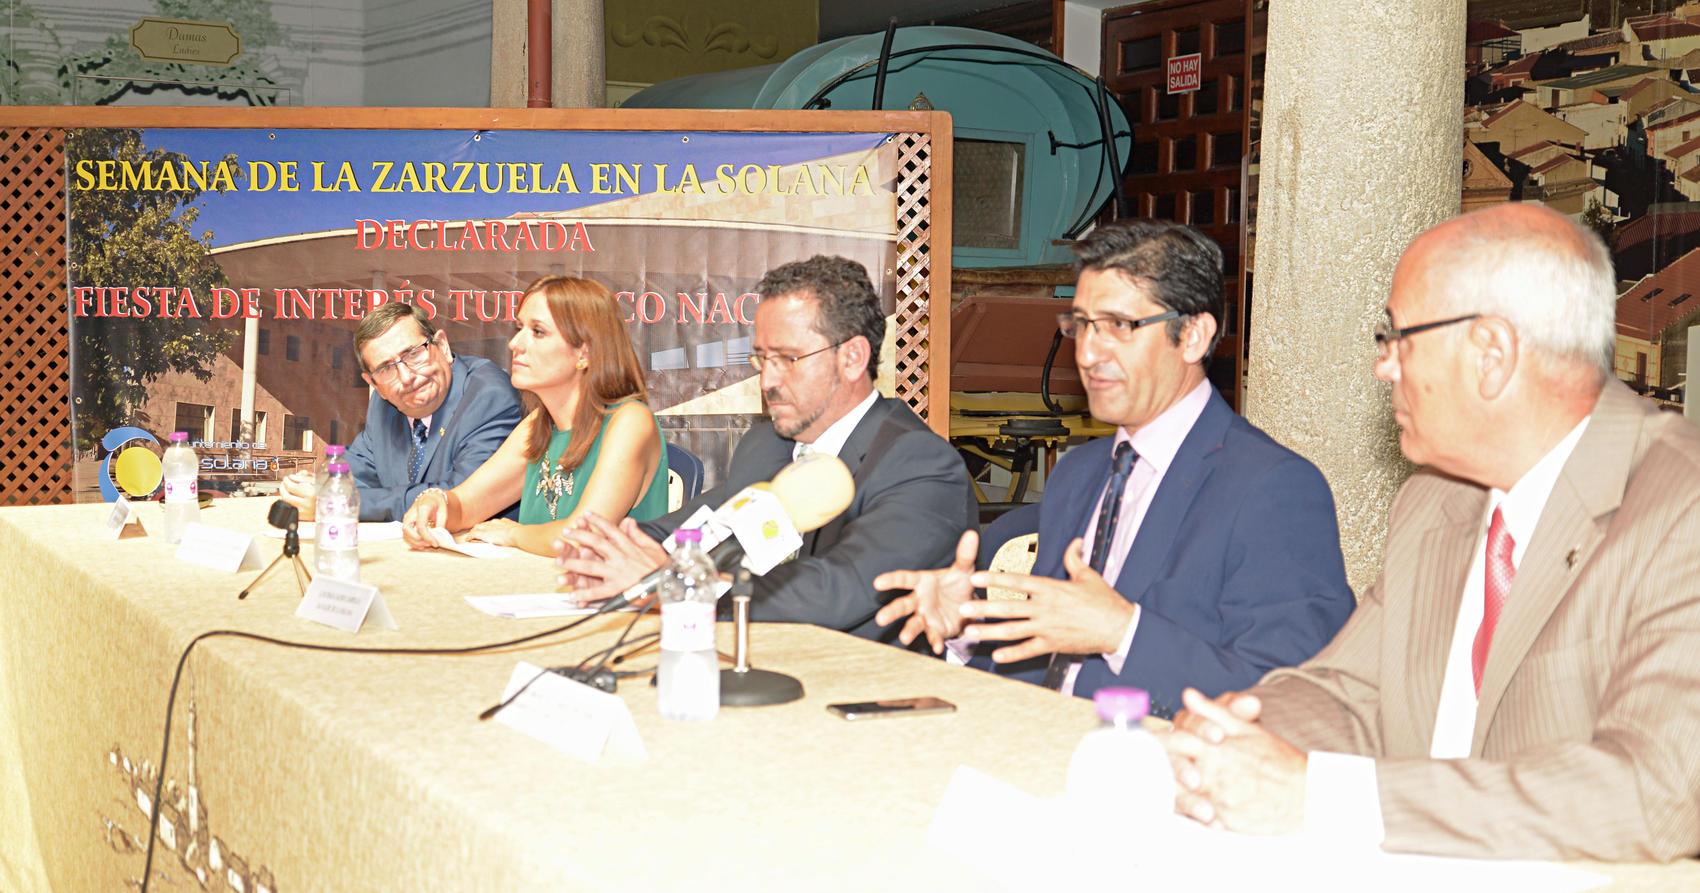 La Diputación seguirá apoyando la Semana de la Zarzuela de La Solana